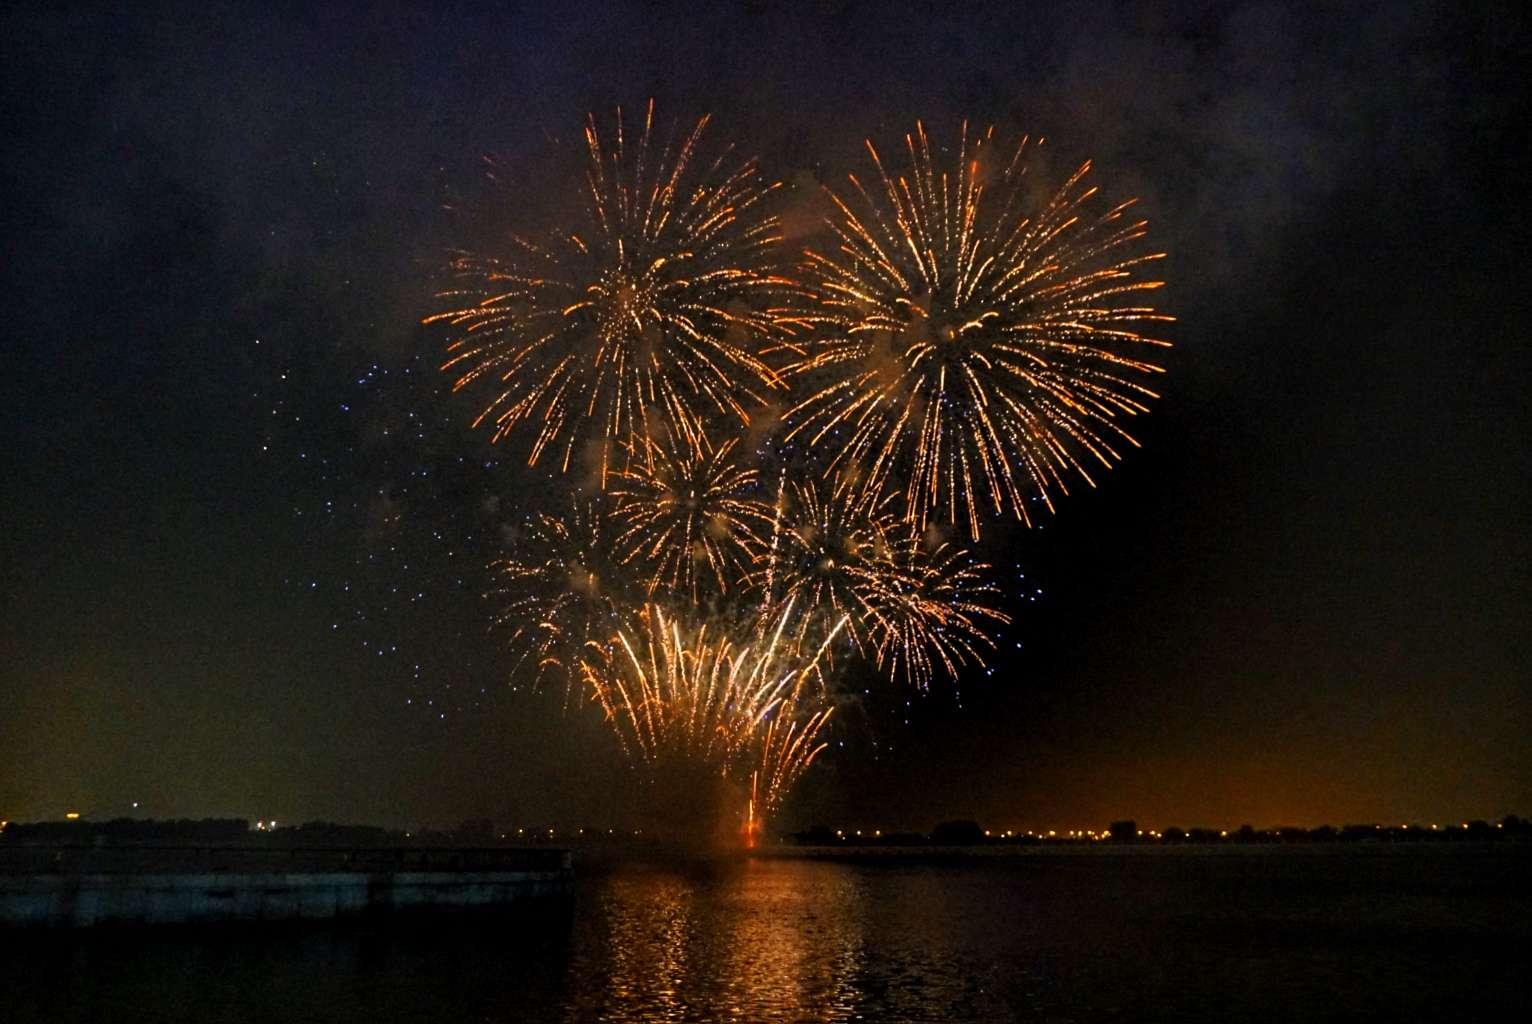 Abu Dhabi Life: Fireworks on a fiery night